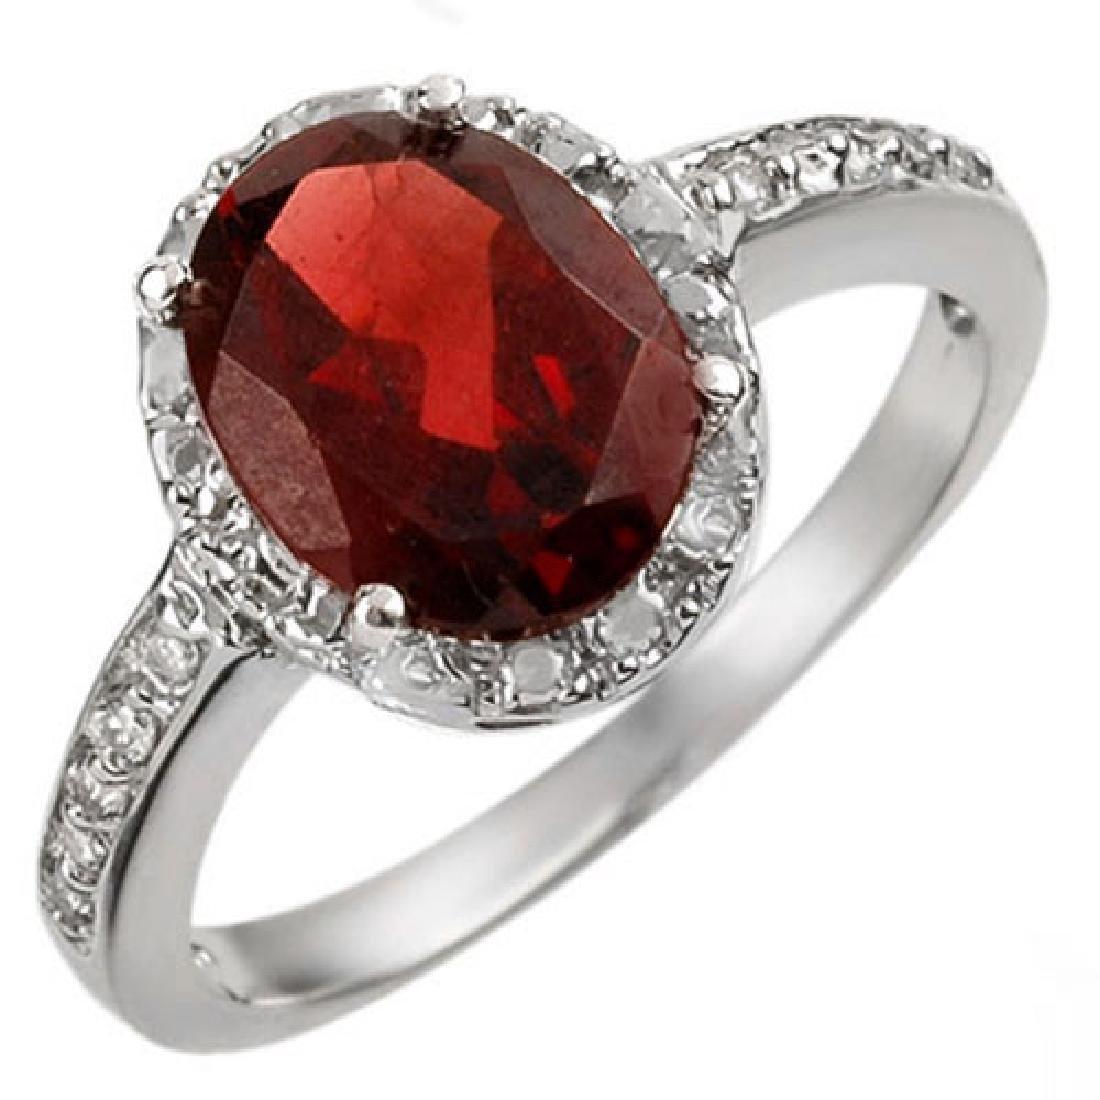 2.10 CTW Garnet & Diamond Ring 14K White Gold